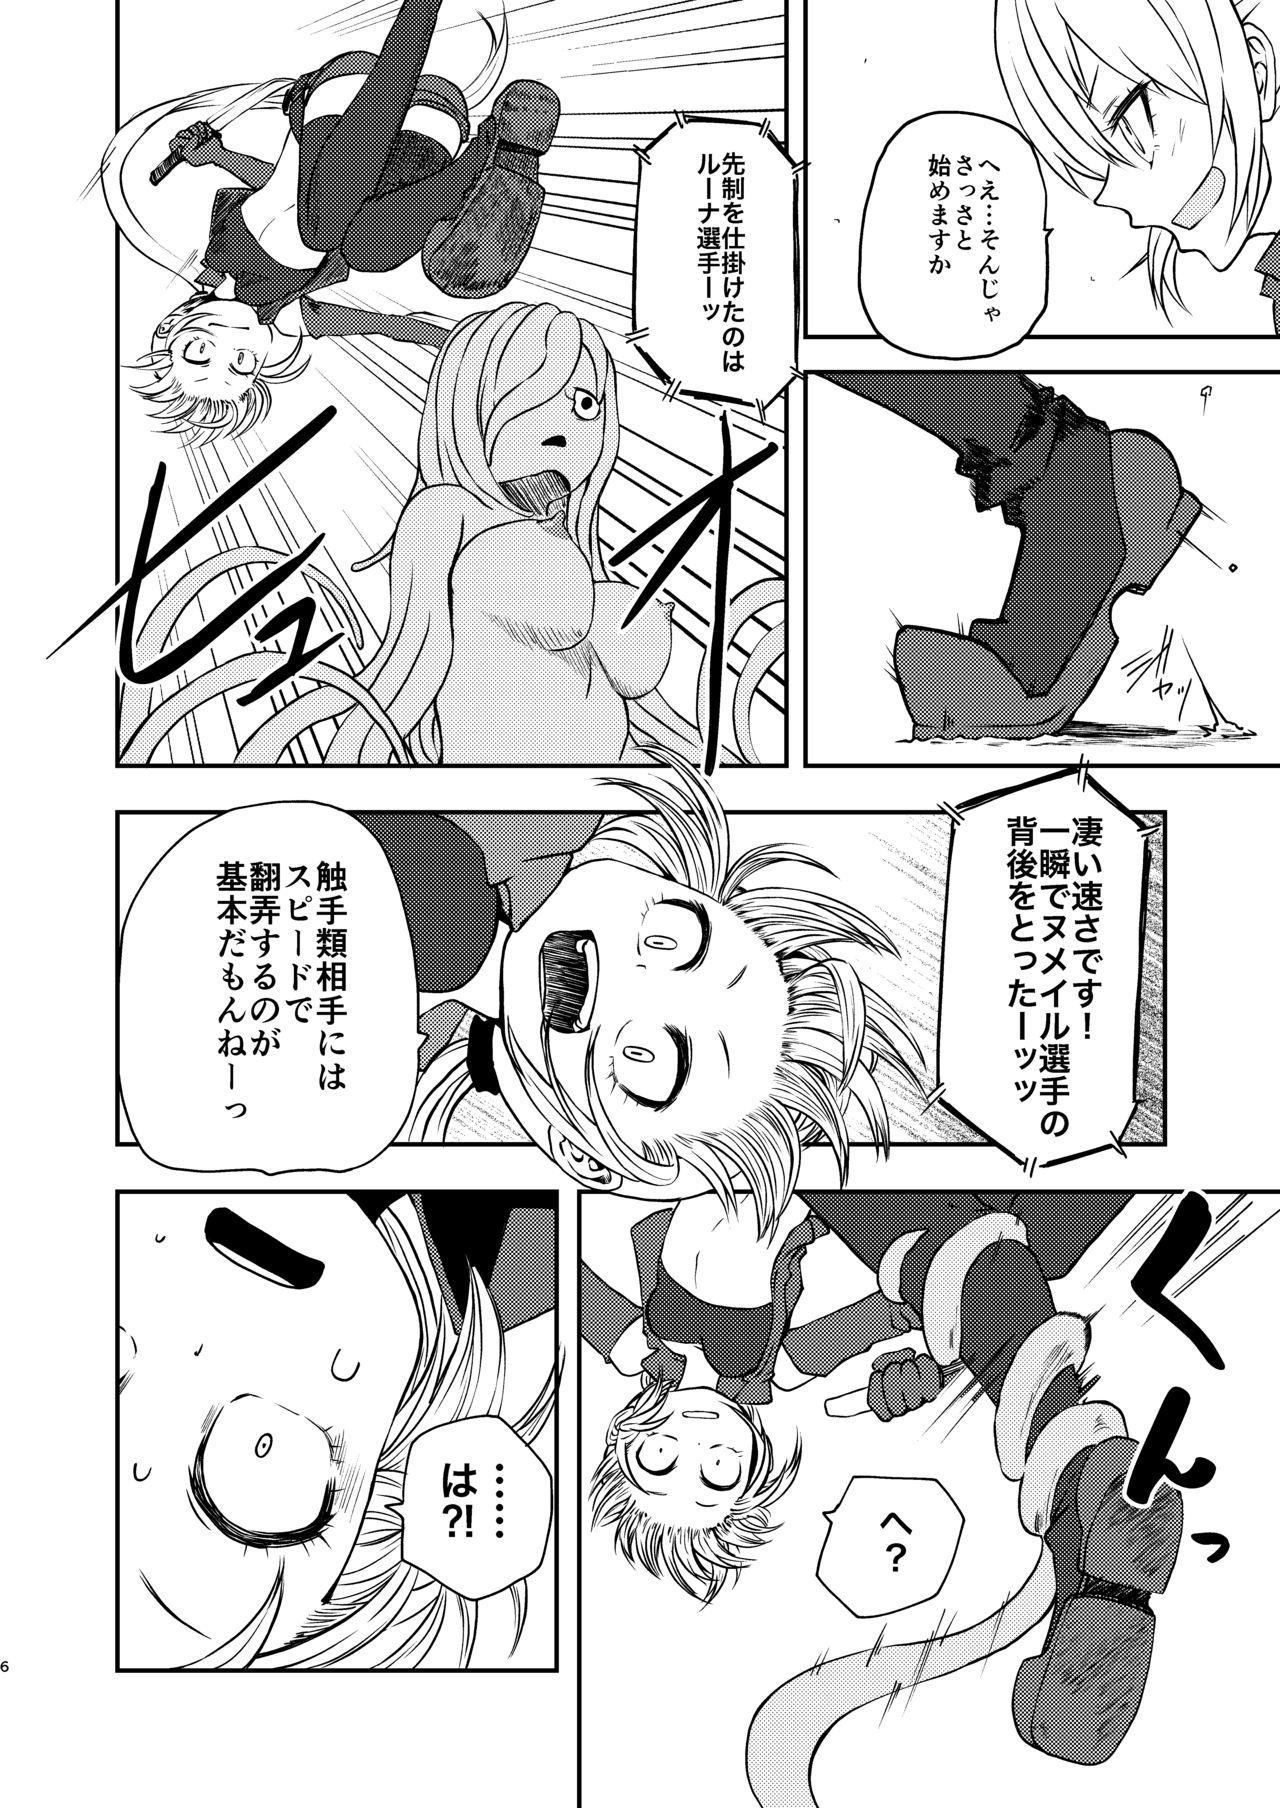 Tada no Onna Boukensha ga Tougijou ni Sanka Shita Kekka Lv 99 no Monster-san ni Bokoboko ni Saremashita 4